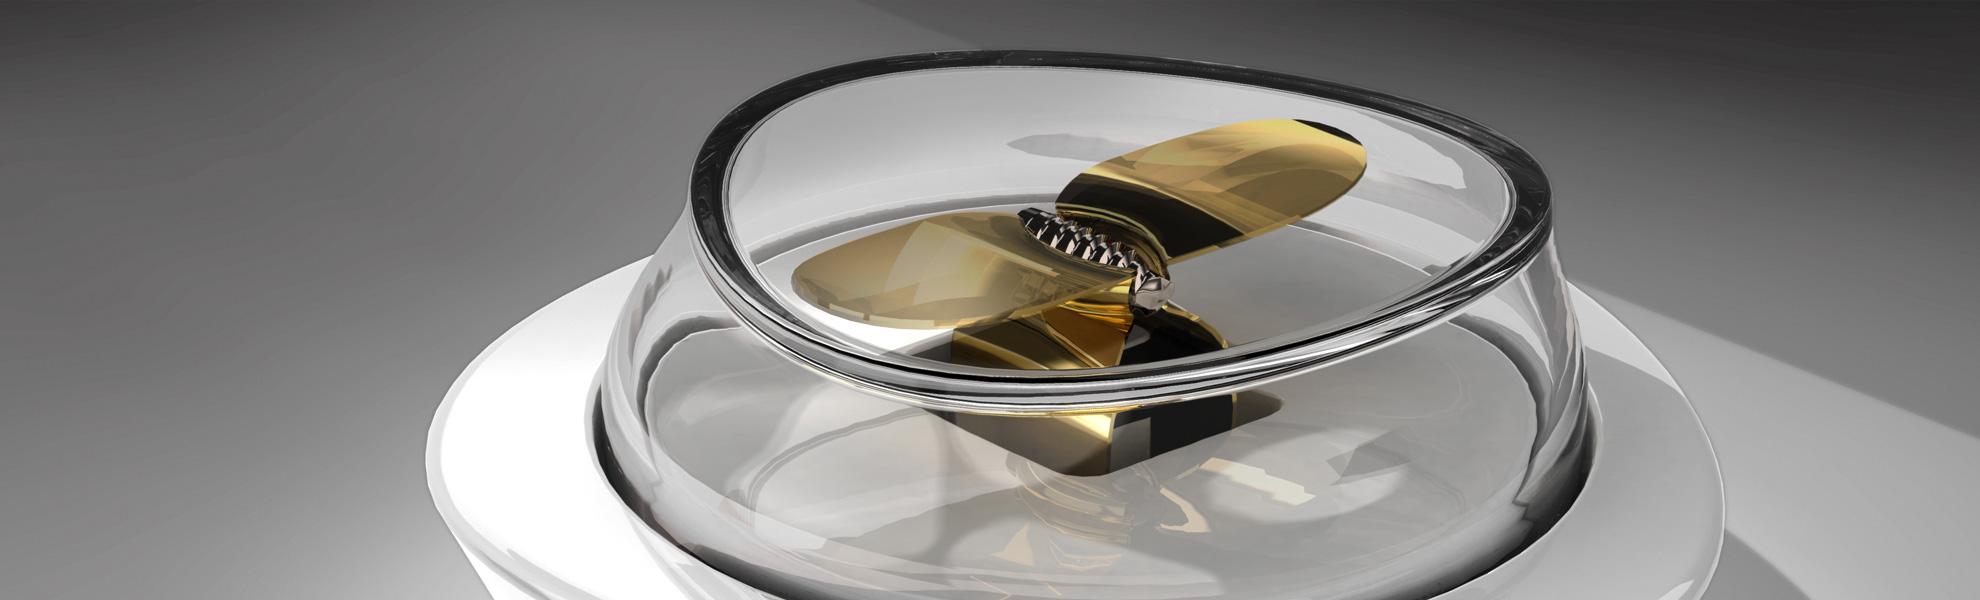 chelles-e-hayashi-design-portfolio-plenum-embalagens-implantes-acessórios-estrutural-embalagem